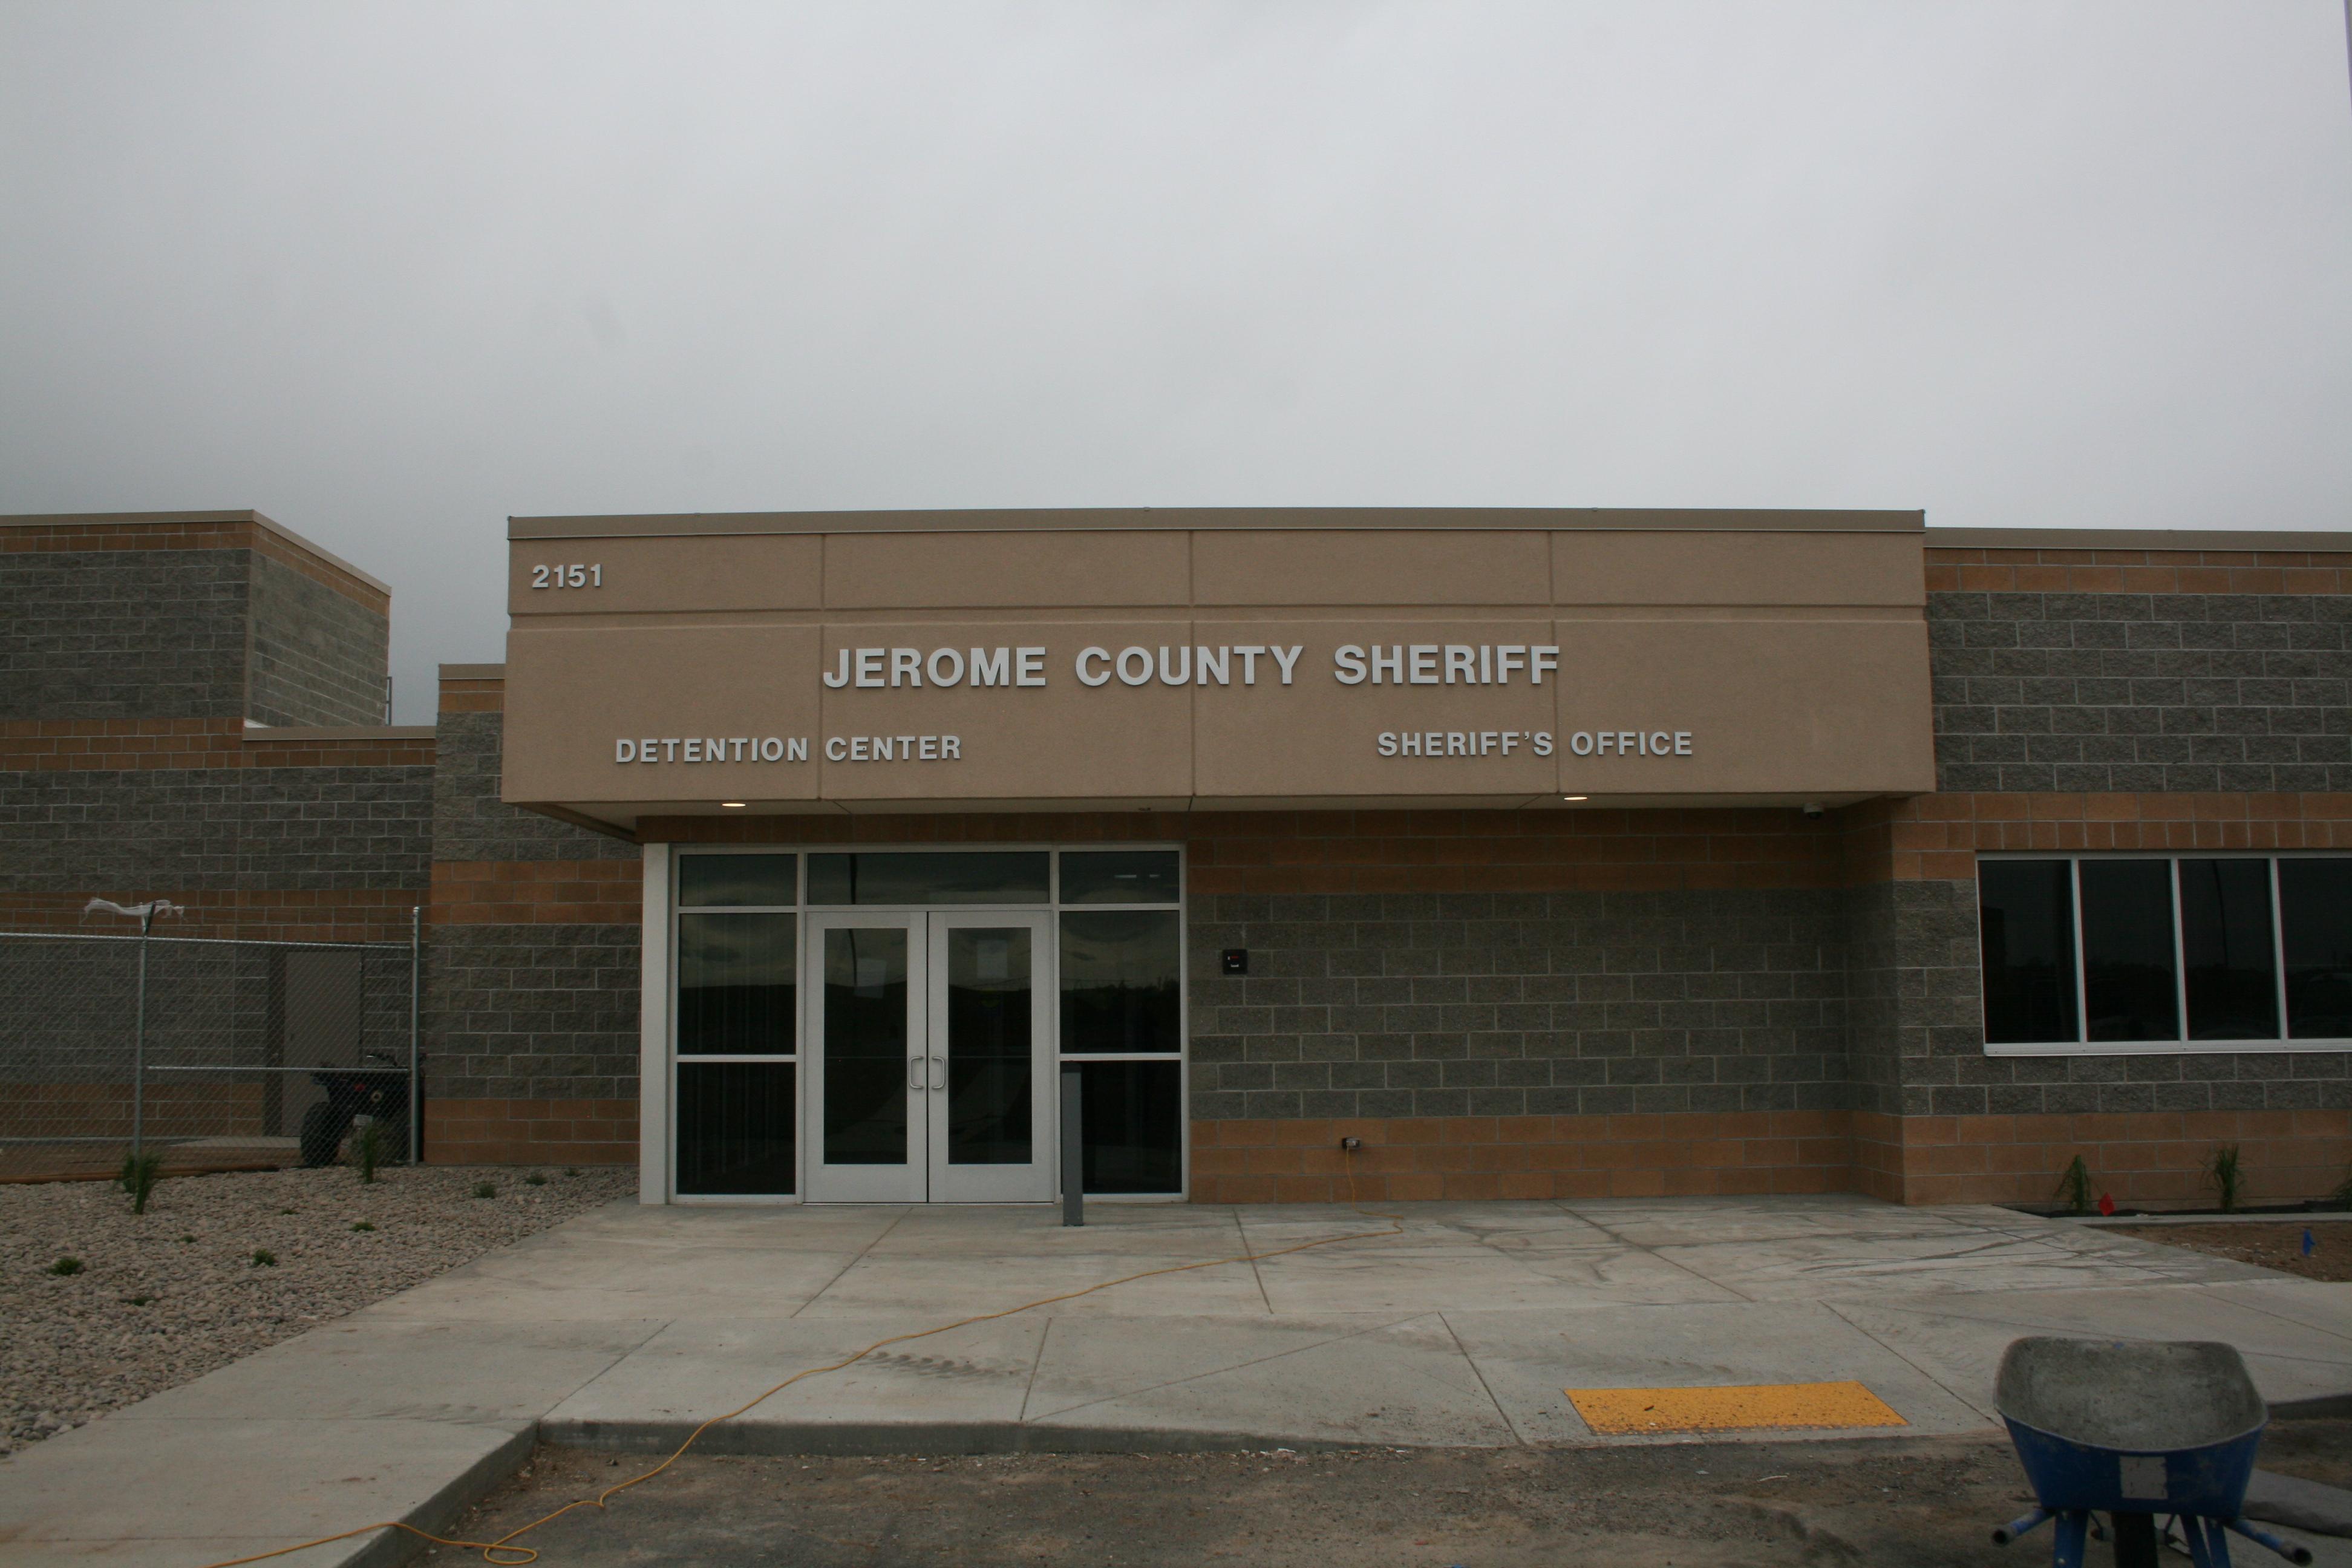 Jerome County Jail Entrance